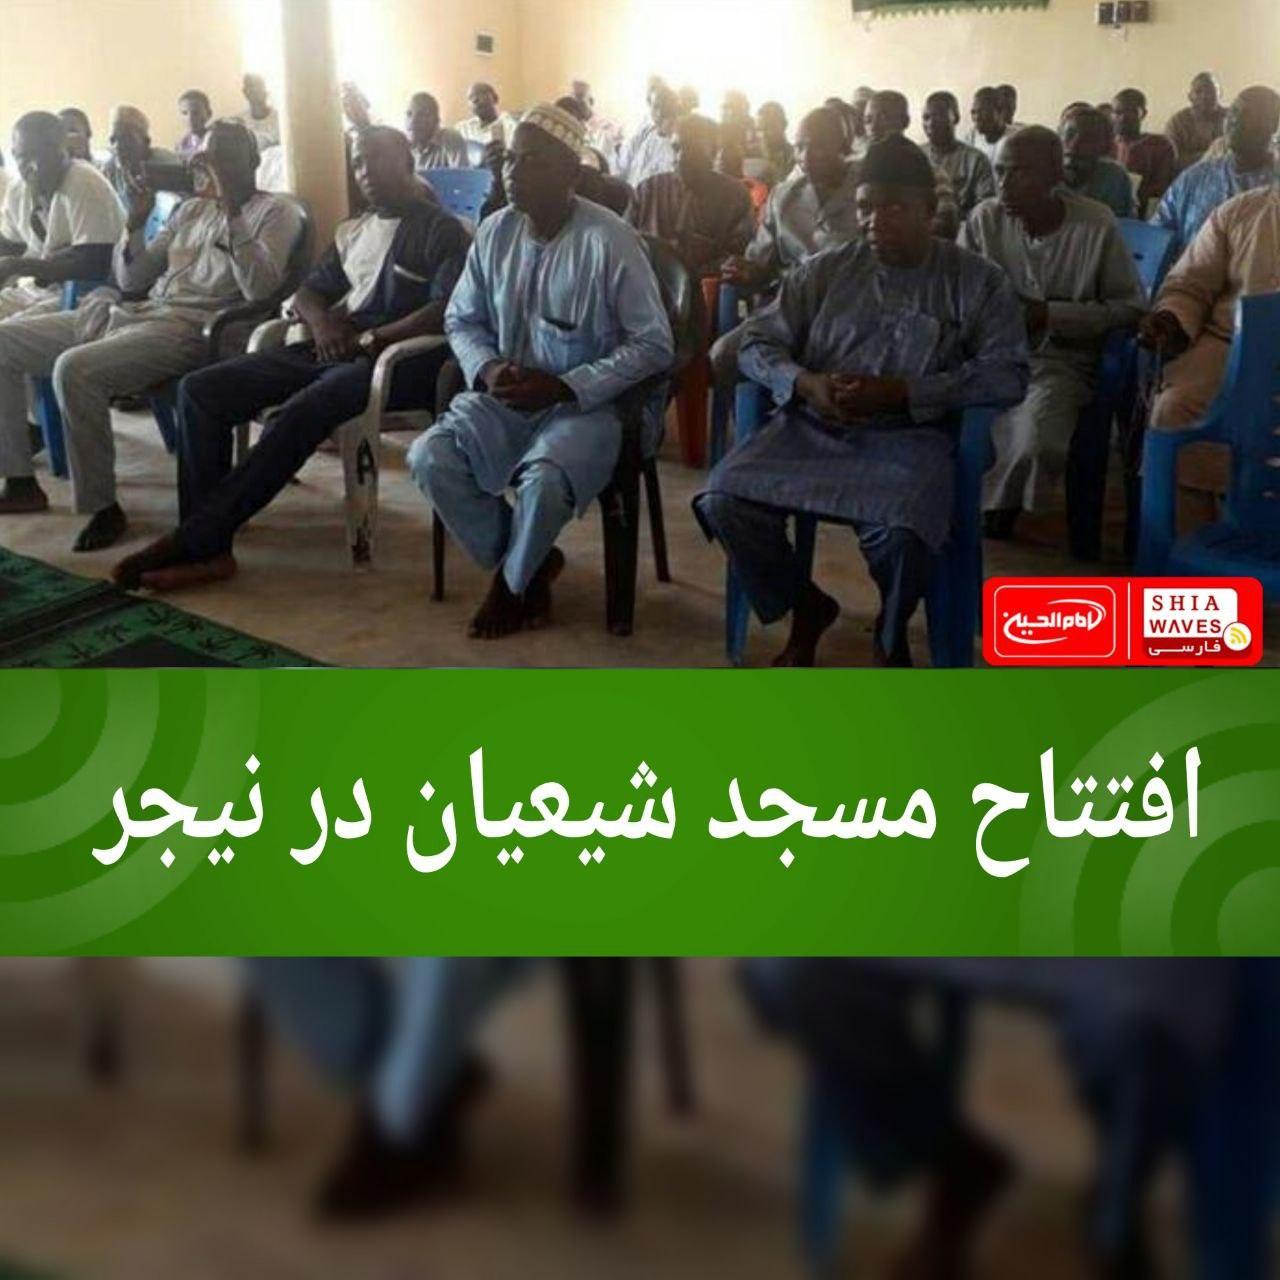 تصویر افتتاح مسجد شیعیان در نیجر